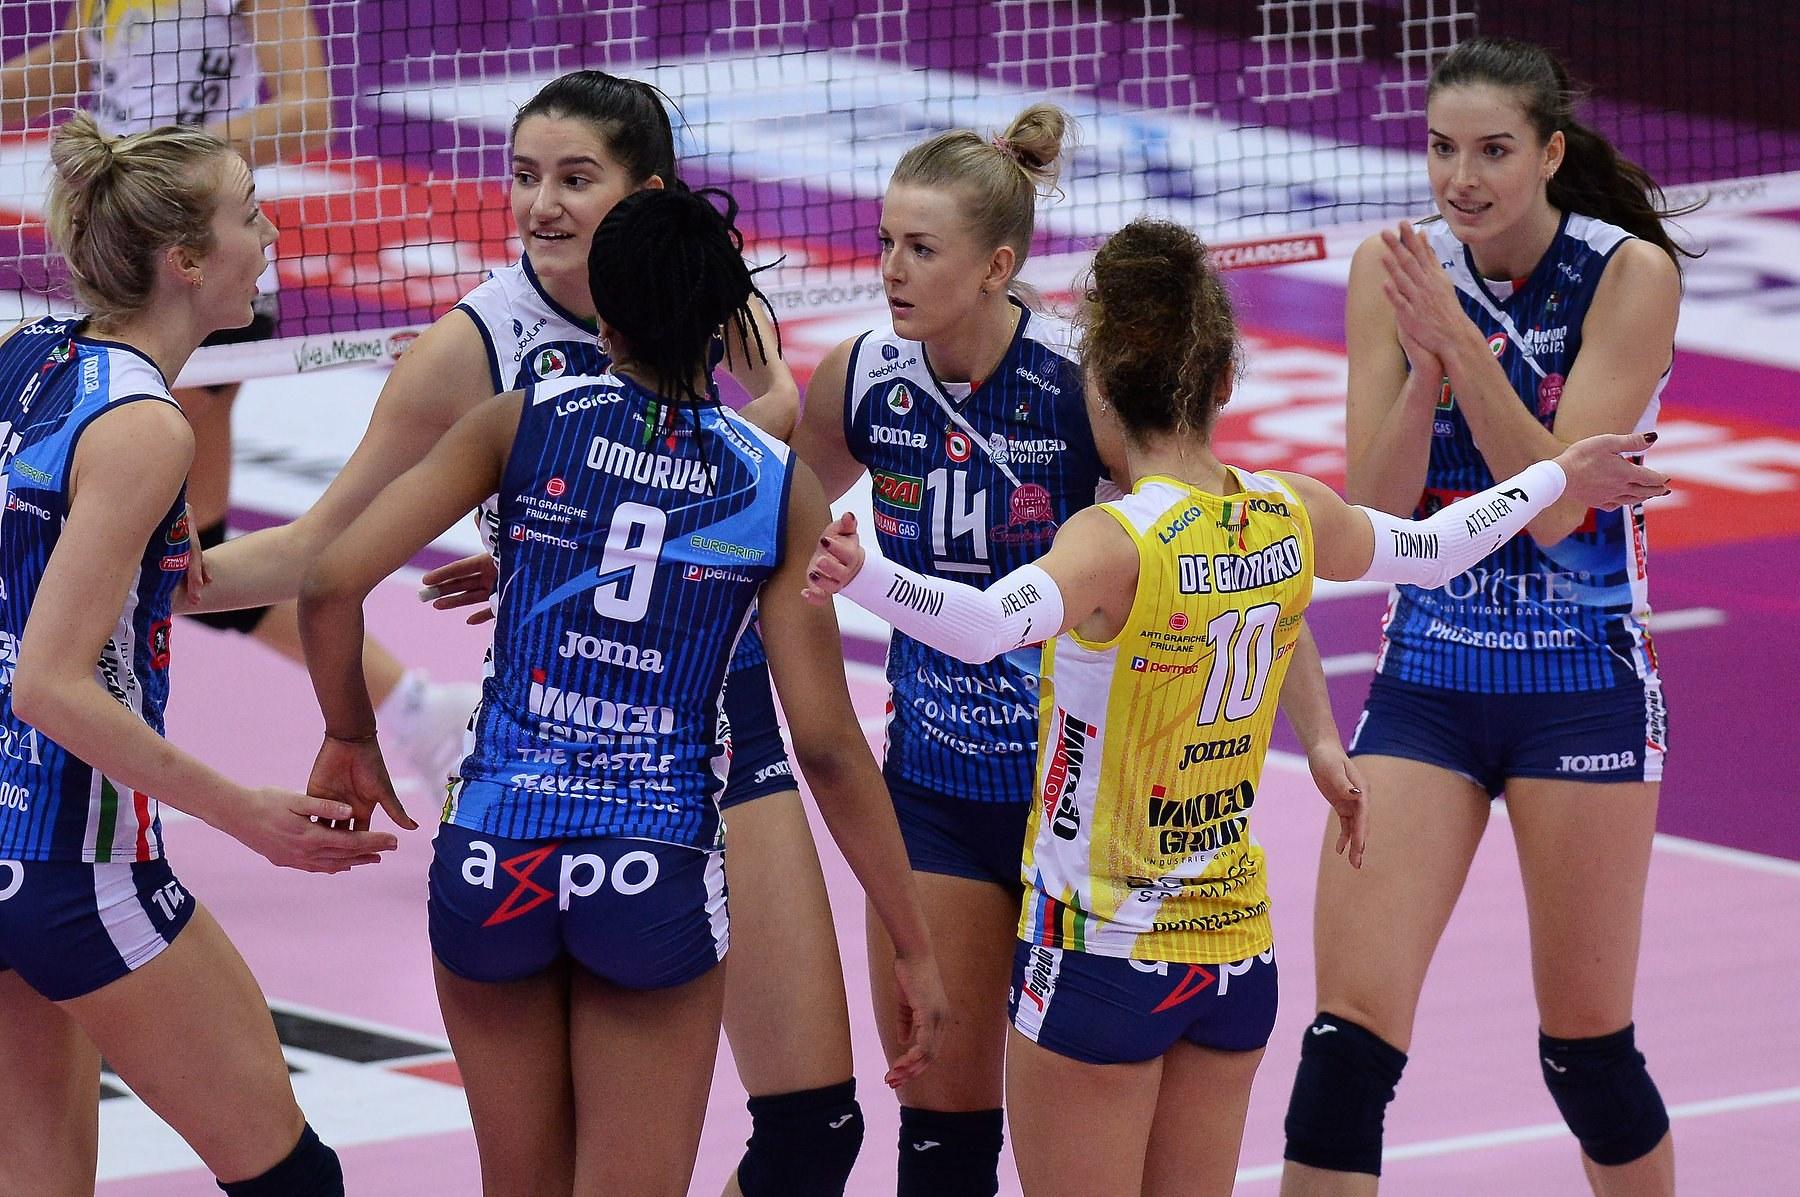 Imoco Volley Conegliano vs Banca Valsabbina Millenium Brescia